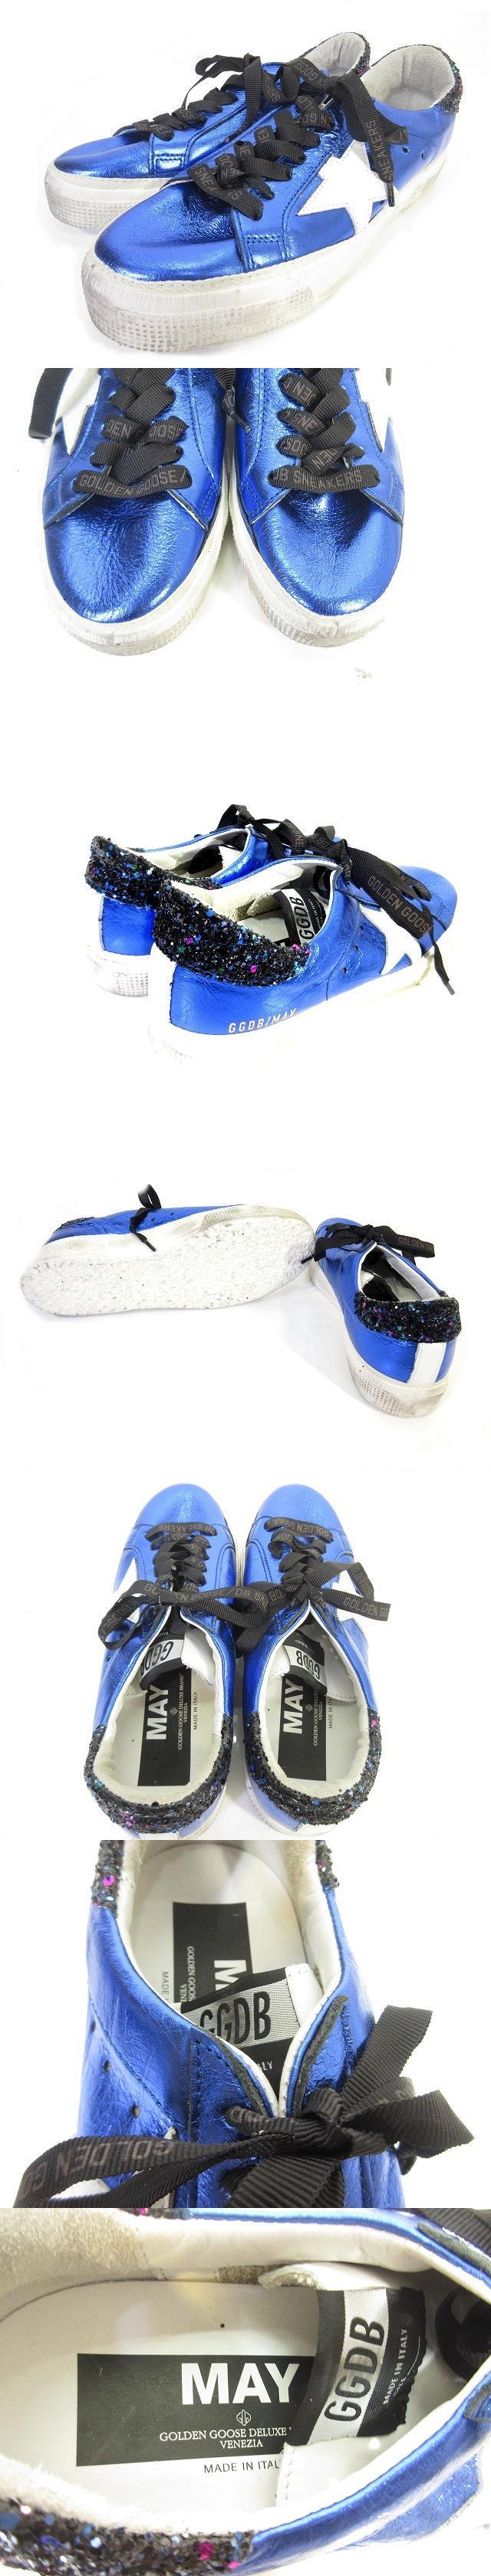 スニーカー ローカット スパンコール レザー 青 ブルー 37